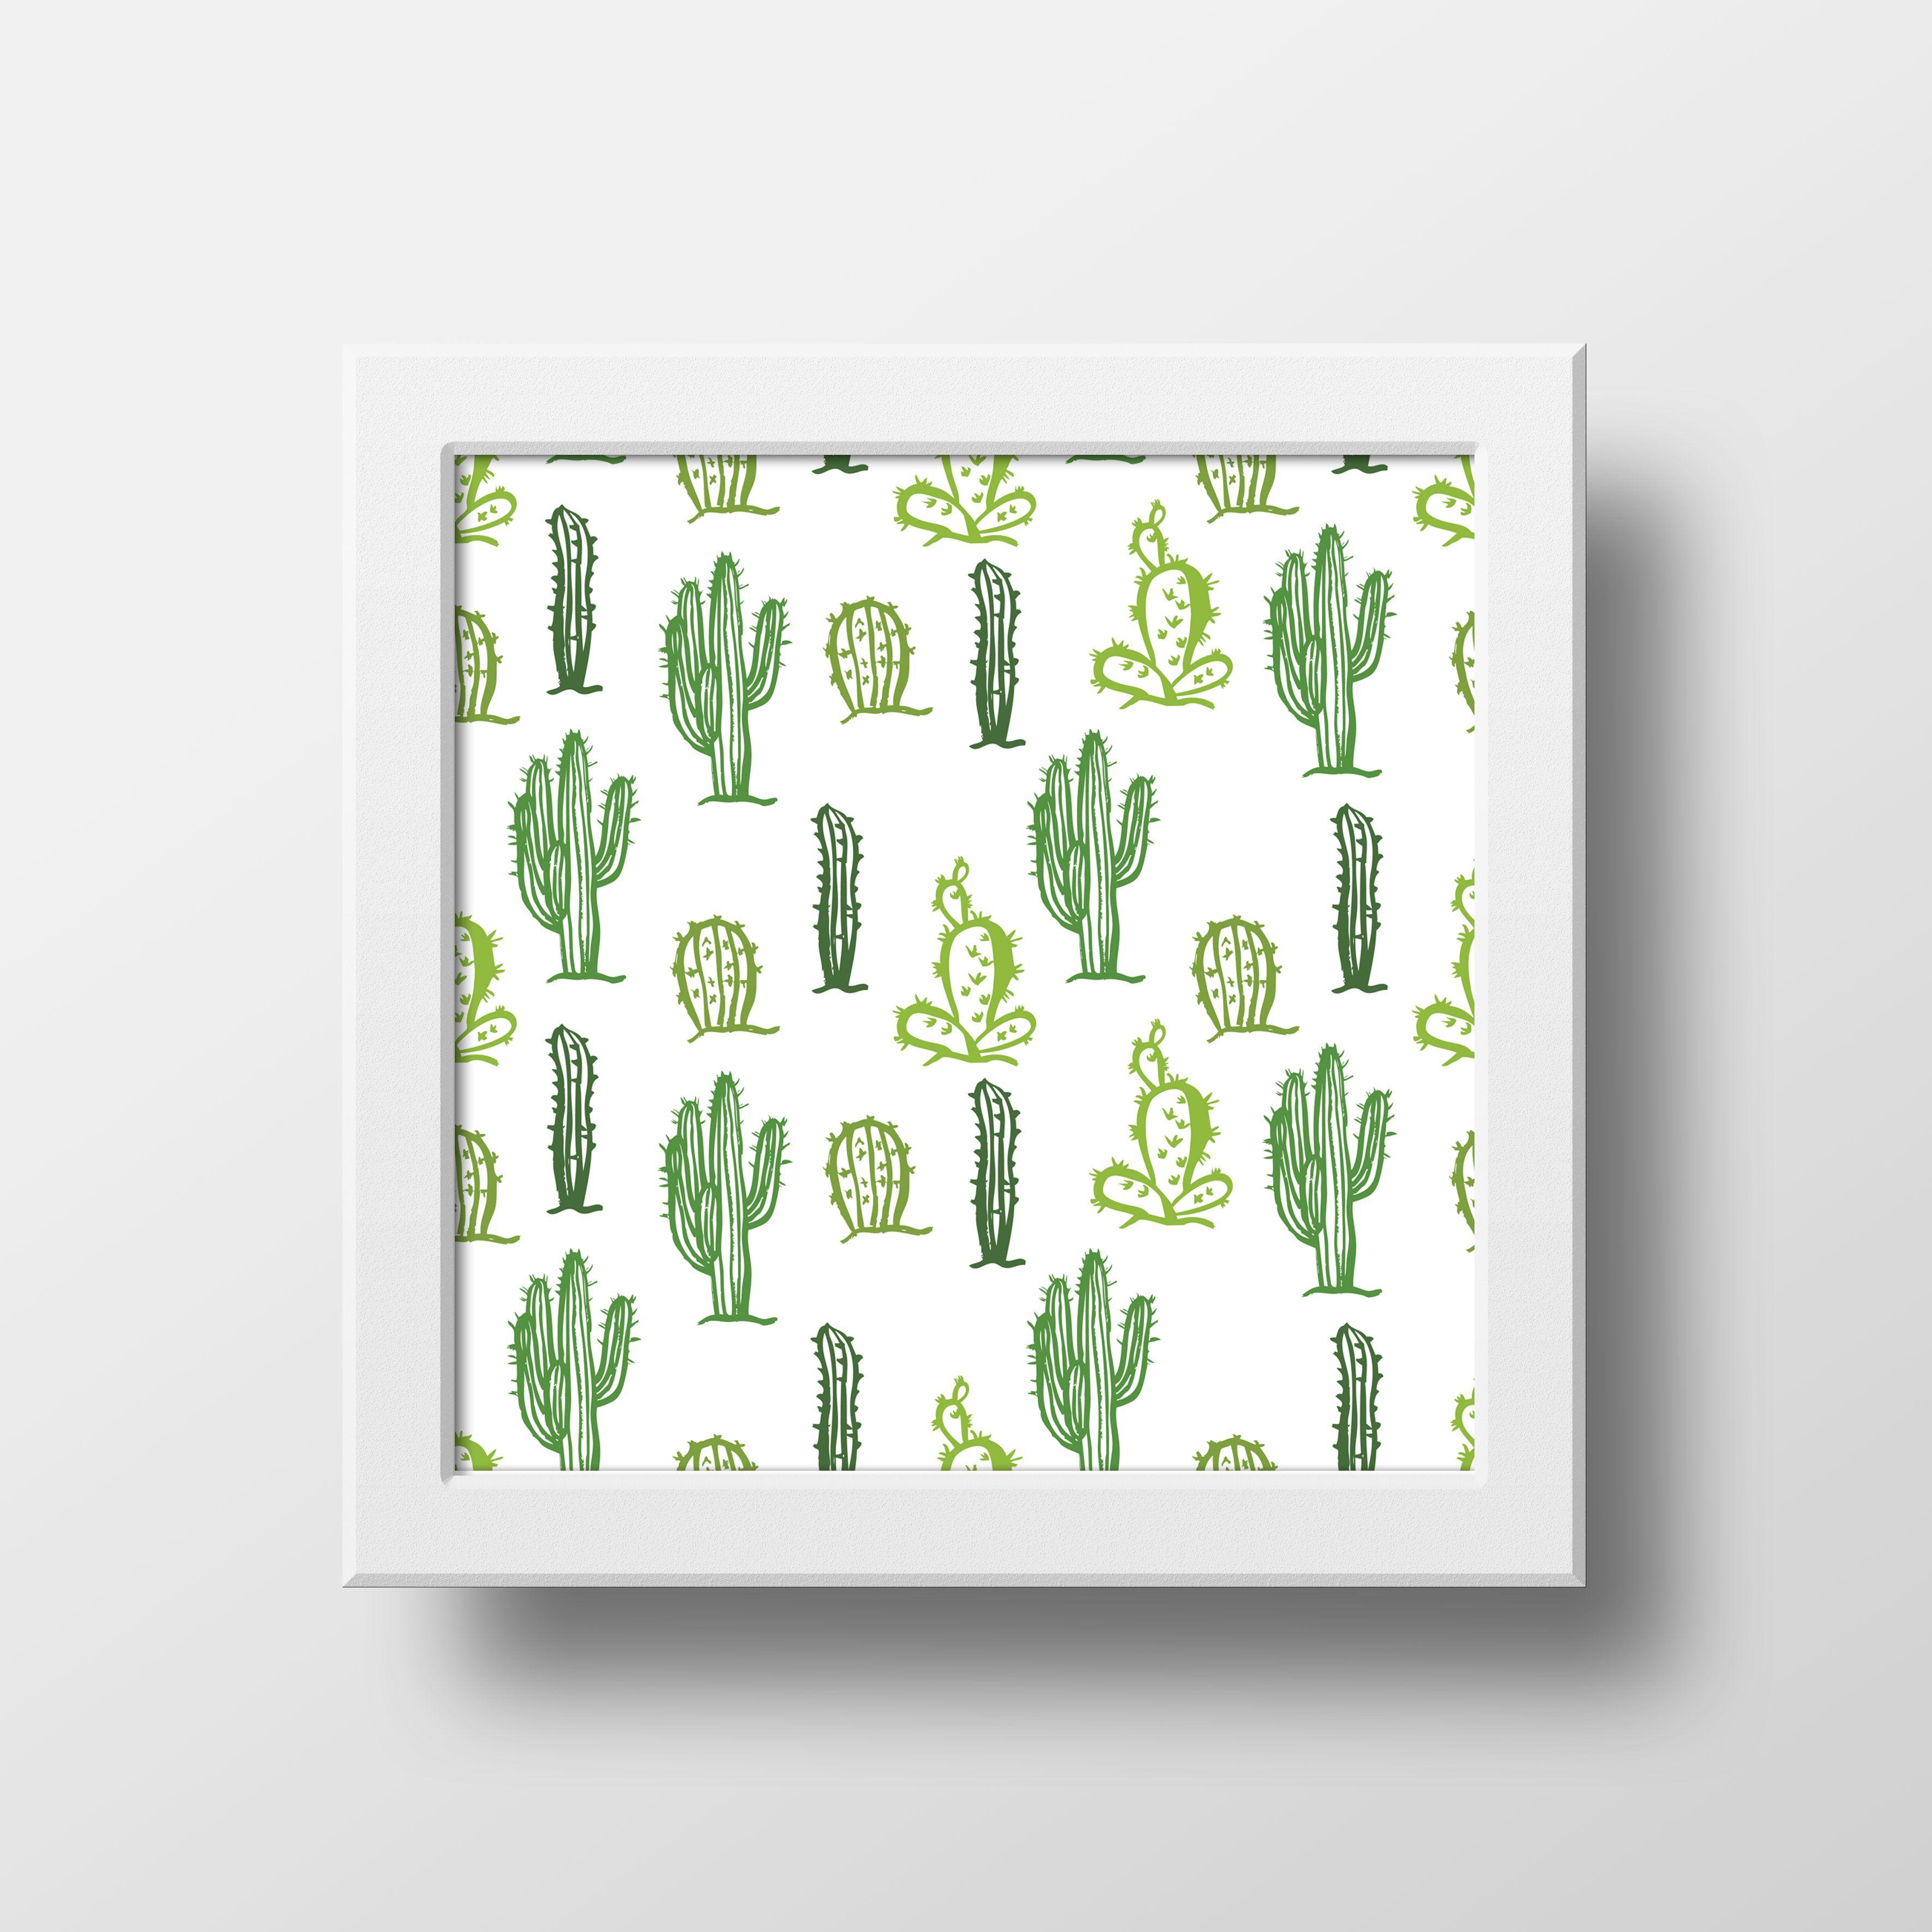 Wa 081 946 542 871 Poster Dinding Gambar Kaktus Poster Dinding Gambar Kaktus Kartun Menggambar Kaktus Dinding Gambar Poster